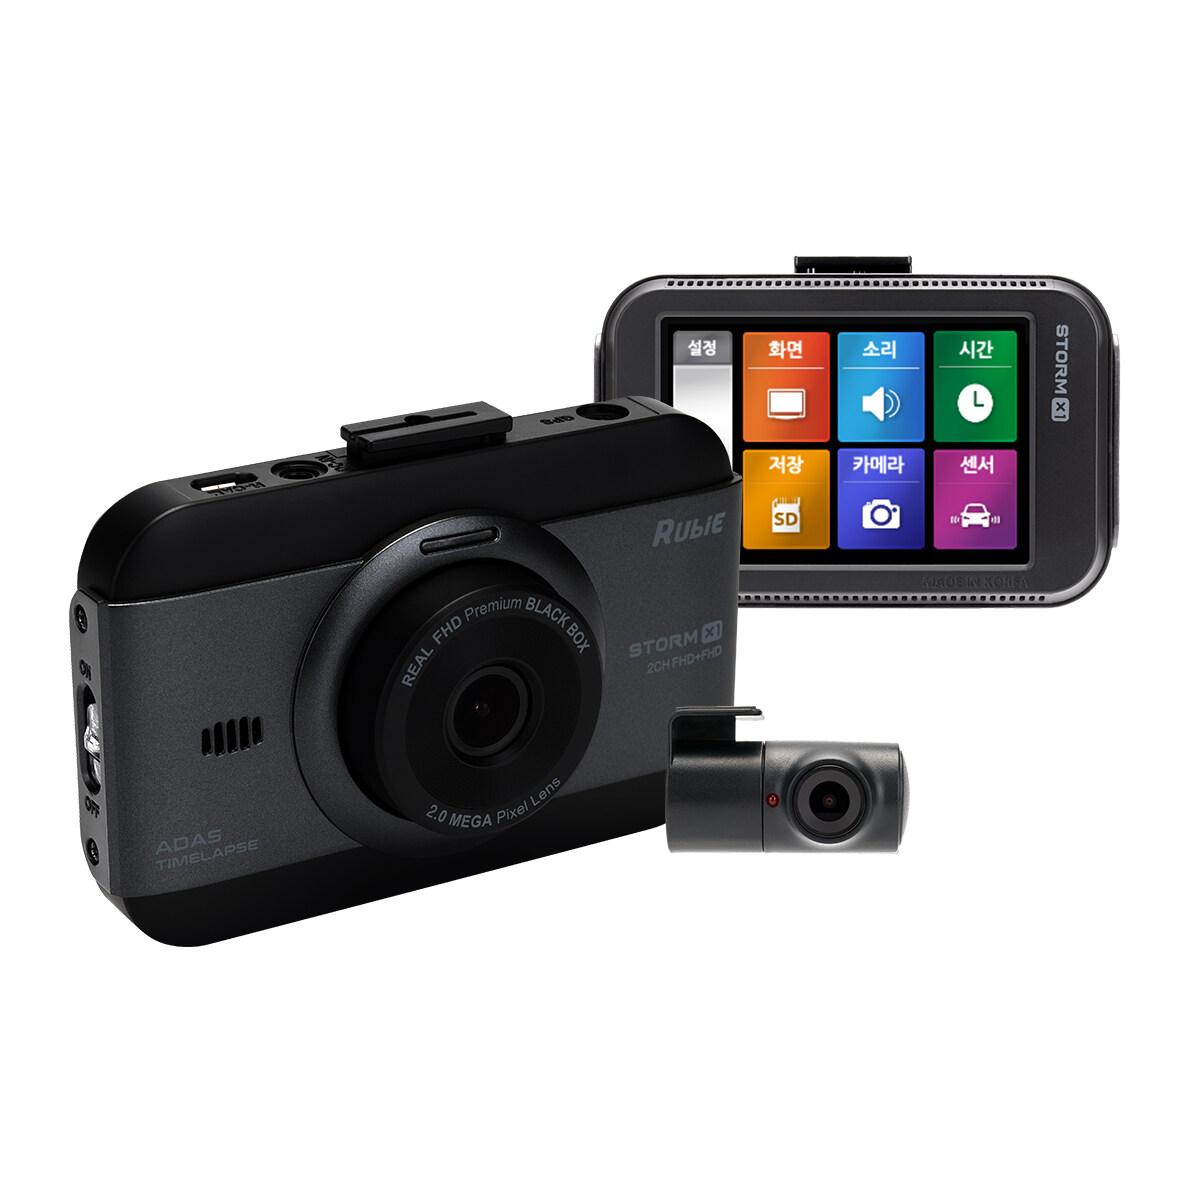 (무료장착) 루비 스톰 2채널 블랙박스 전/후방 FHD 64GB+헤드업디스플레이+GPS